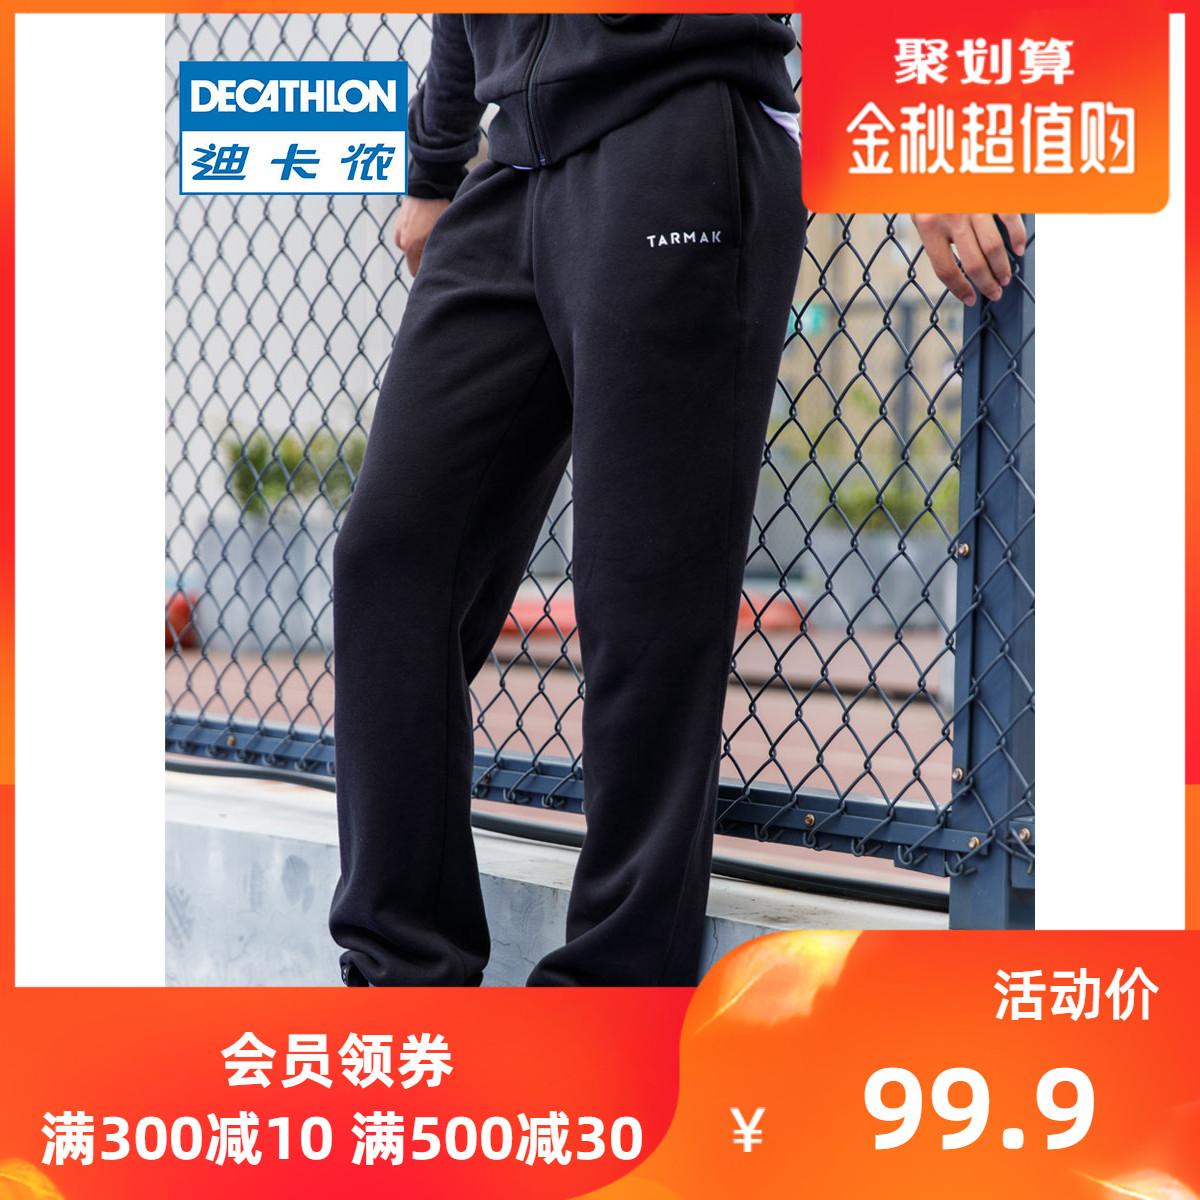 满99.90元可用1元优惠券迪卡侬篮球裤男长裤秋冬休闲训练裤